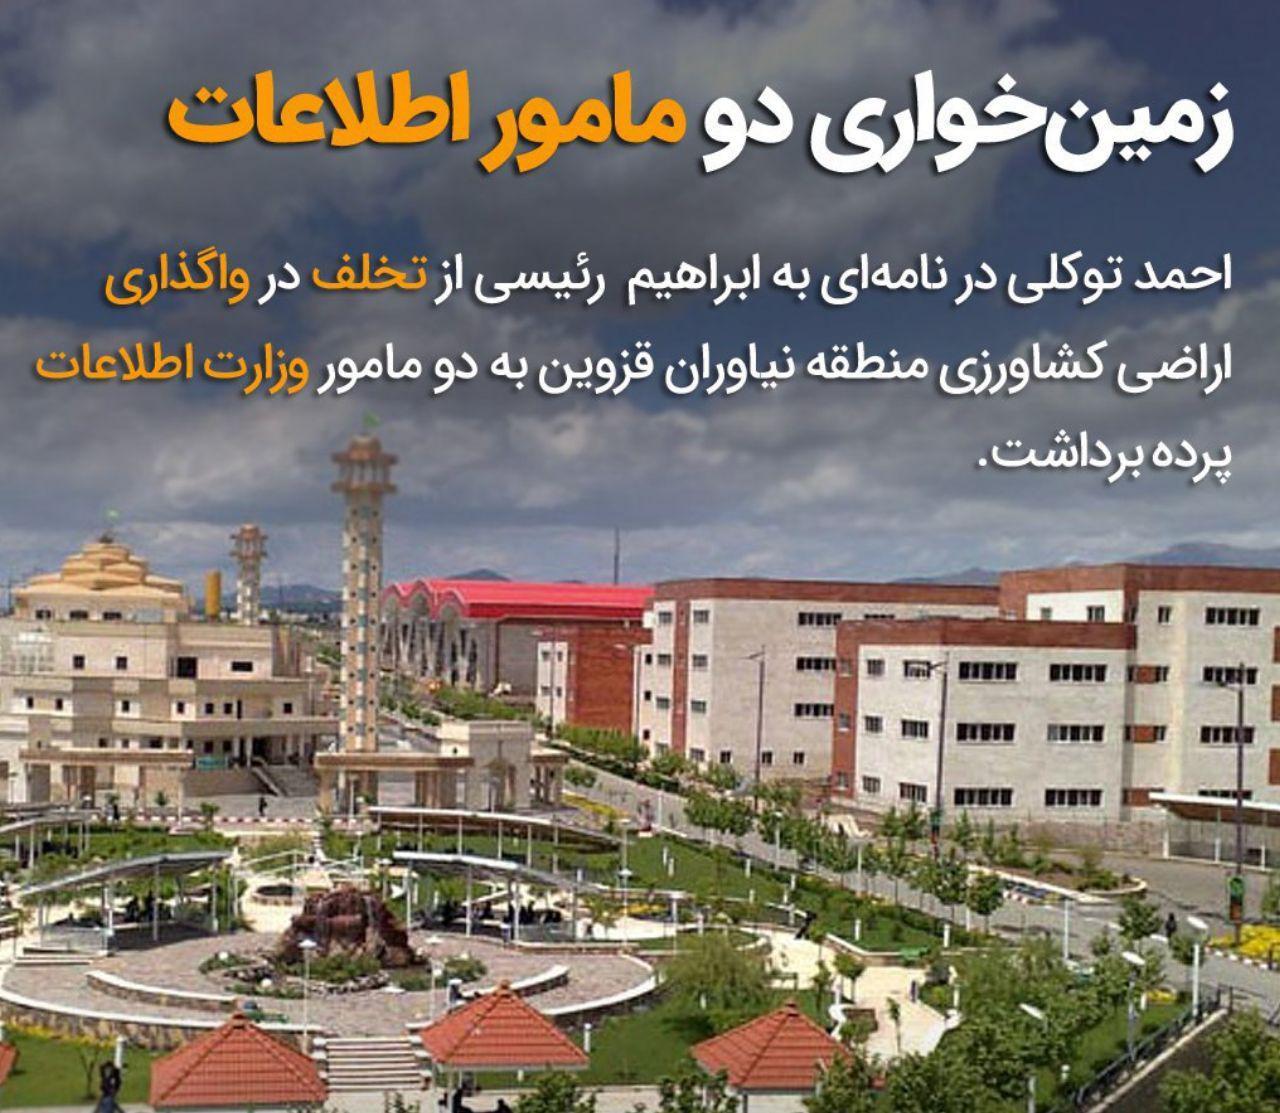 نامه احمد توکلی به رئیسی/ زمینخواری دو مامور اطلاعات قزوین